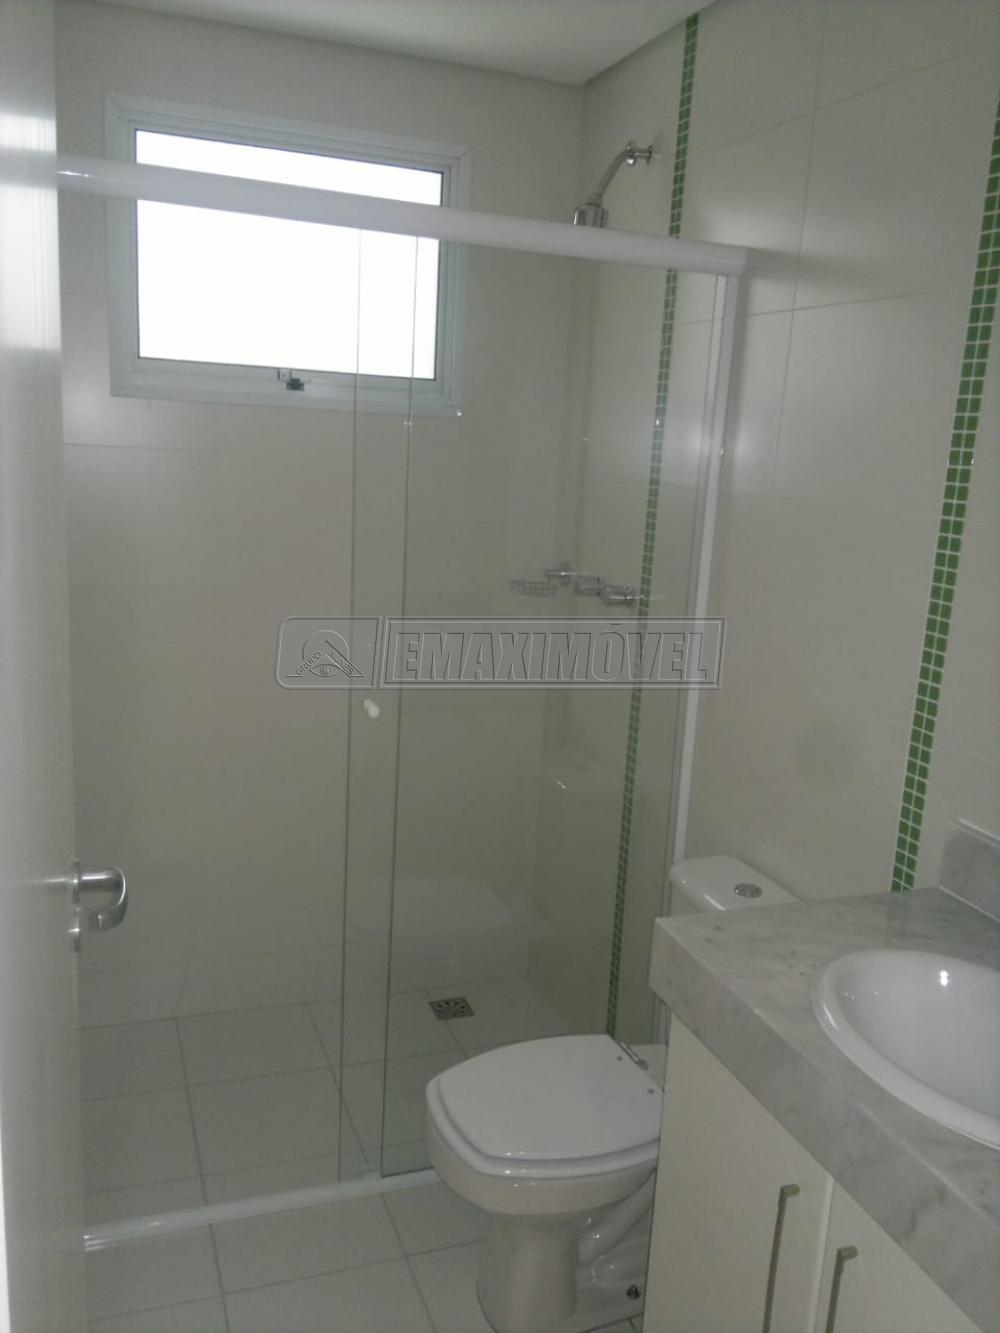 Comprar Apartamentos / Apto Padrão em Sorocaba apenas R$ 850.000,00 - Foto 11